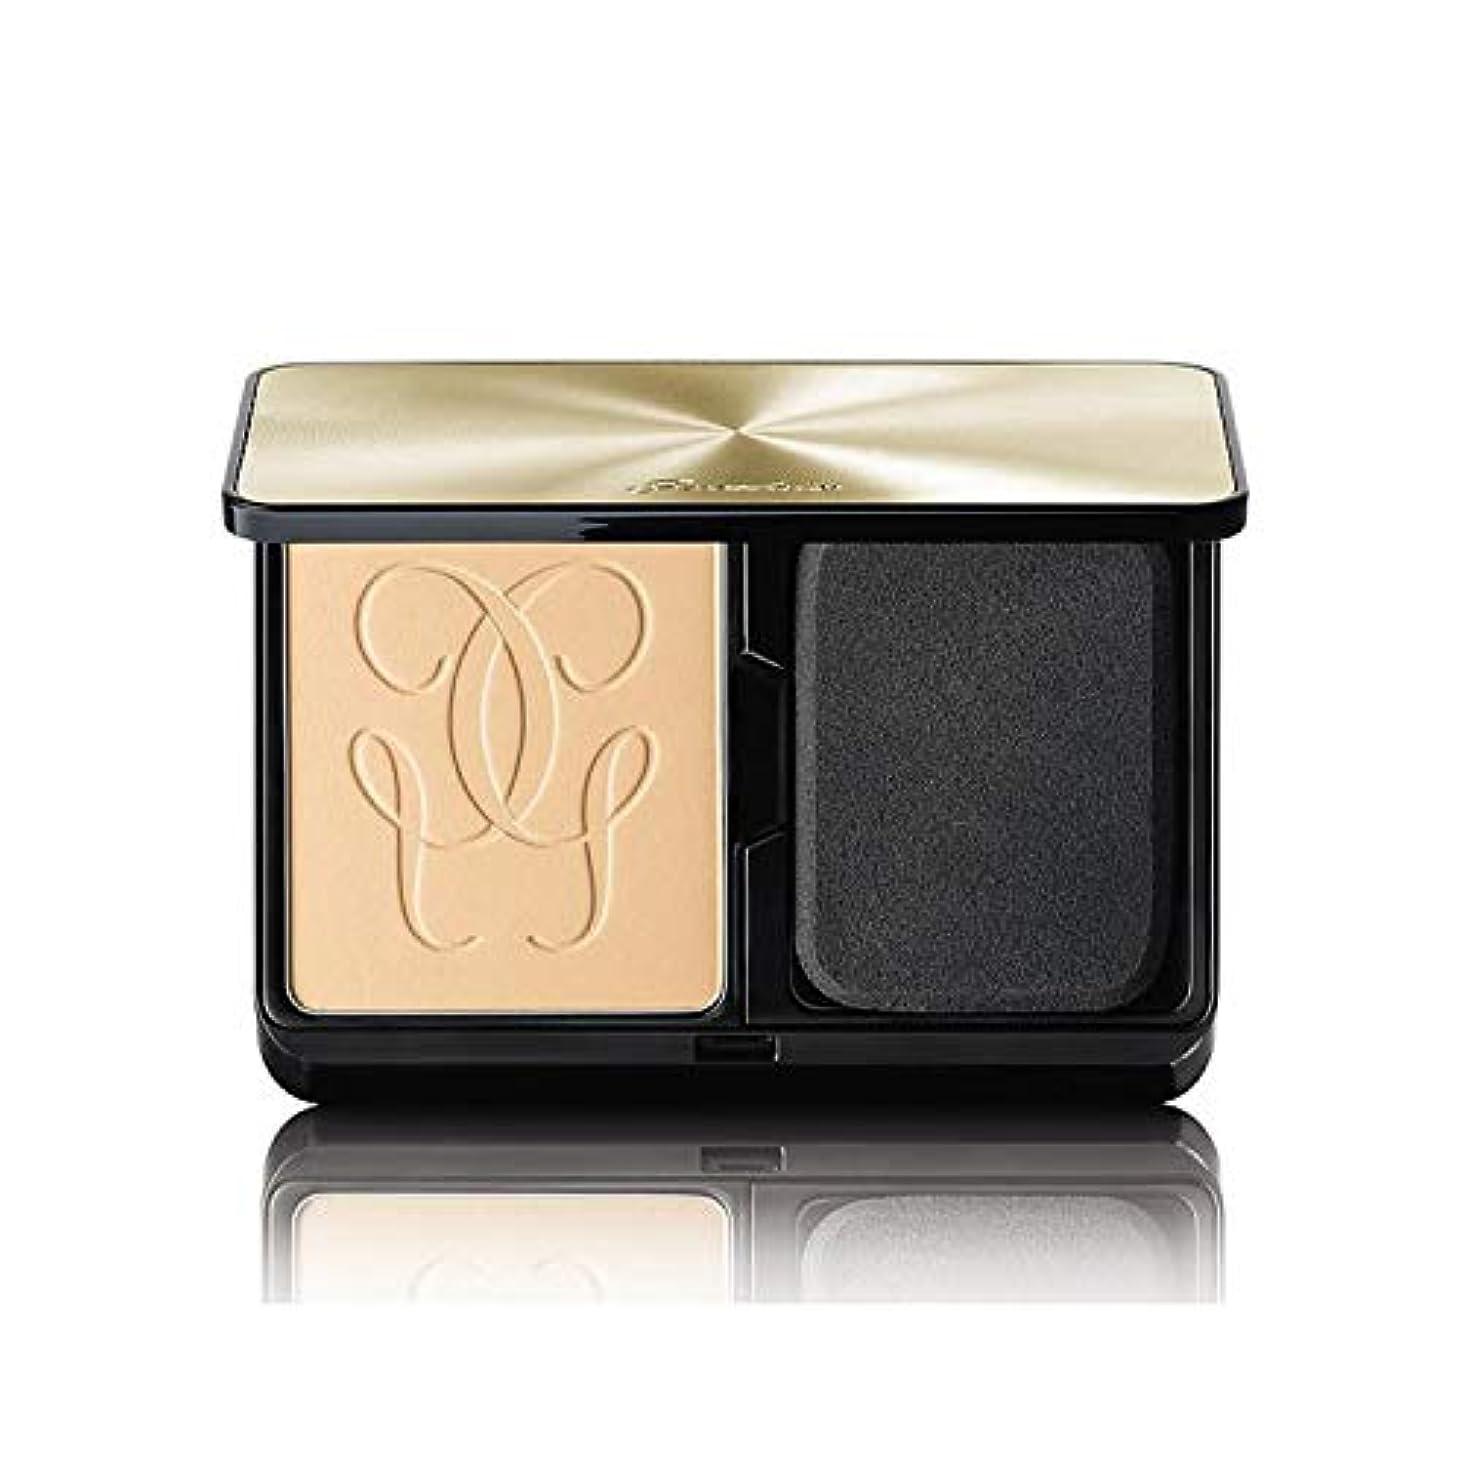 疲れた脅威熟達ゲラン Lingerie De Peau Mat Alive Buildable Compact Powder Foundation SPF 15 - # 01N Very Light 8.5g/0.29oz並行輸入品